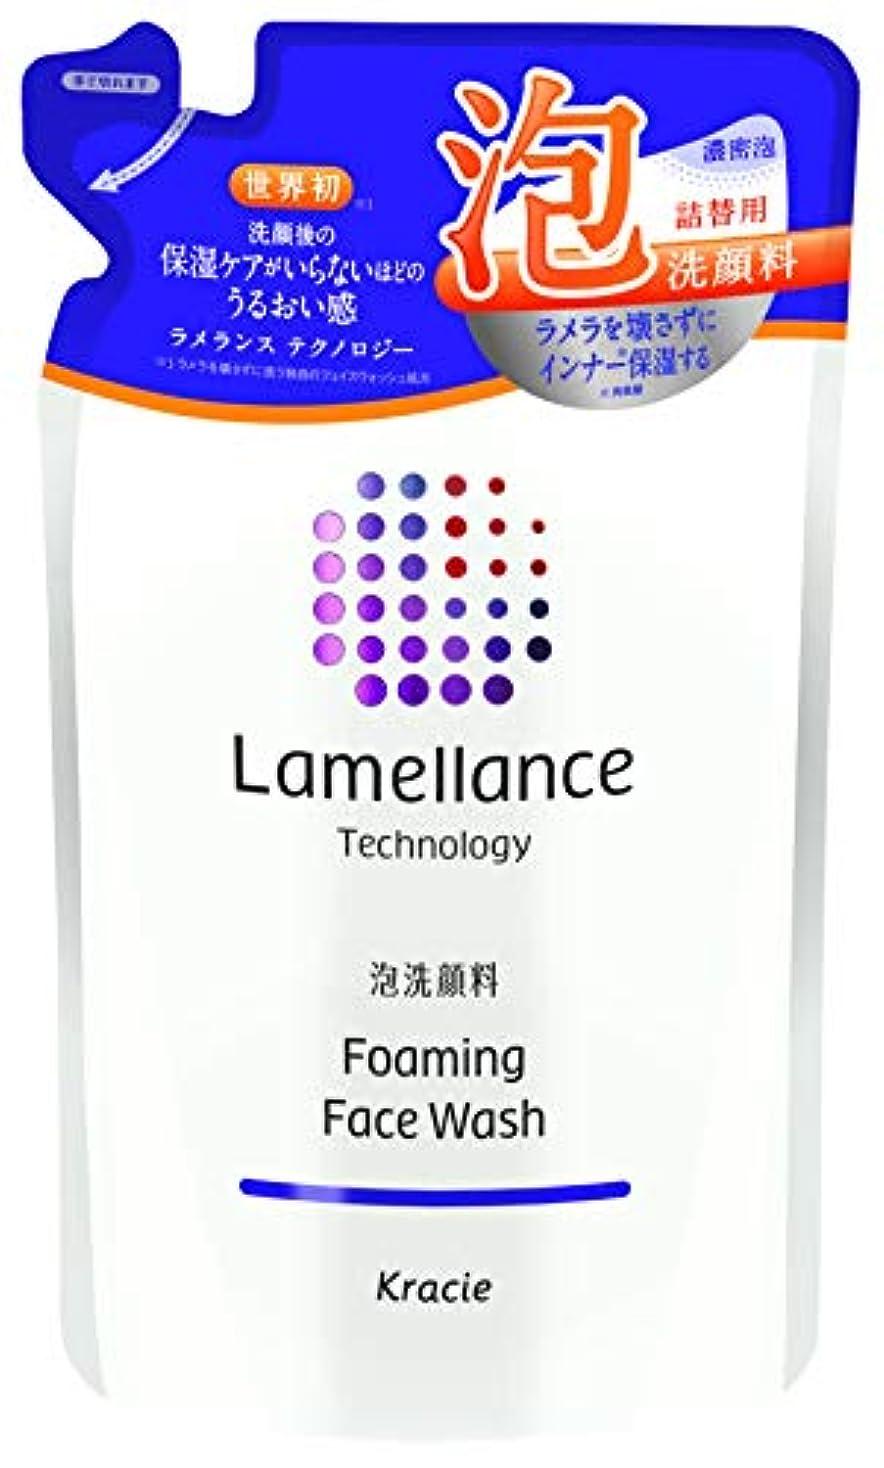 リサイクルする土器ジョージエリオットラメランス 泡フェイスウォッシュ詰替140mL(透明感のあるホワイトフローラルの香り) 角質層のラメラを濃密泡で包み込みしっとり泡洗顔